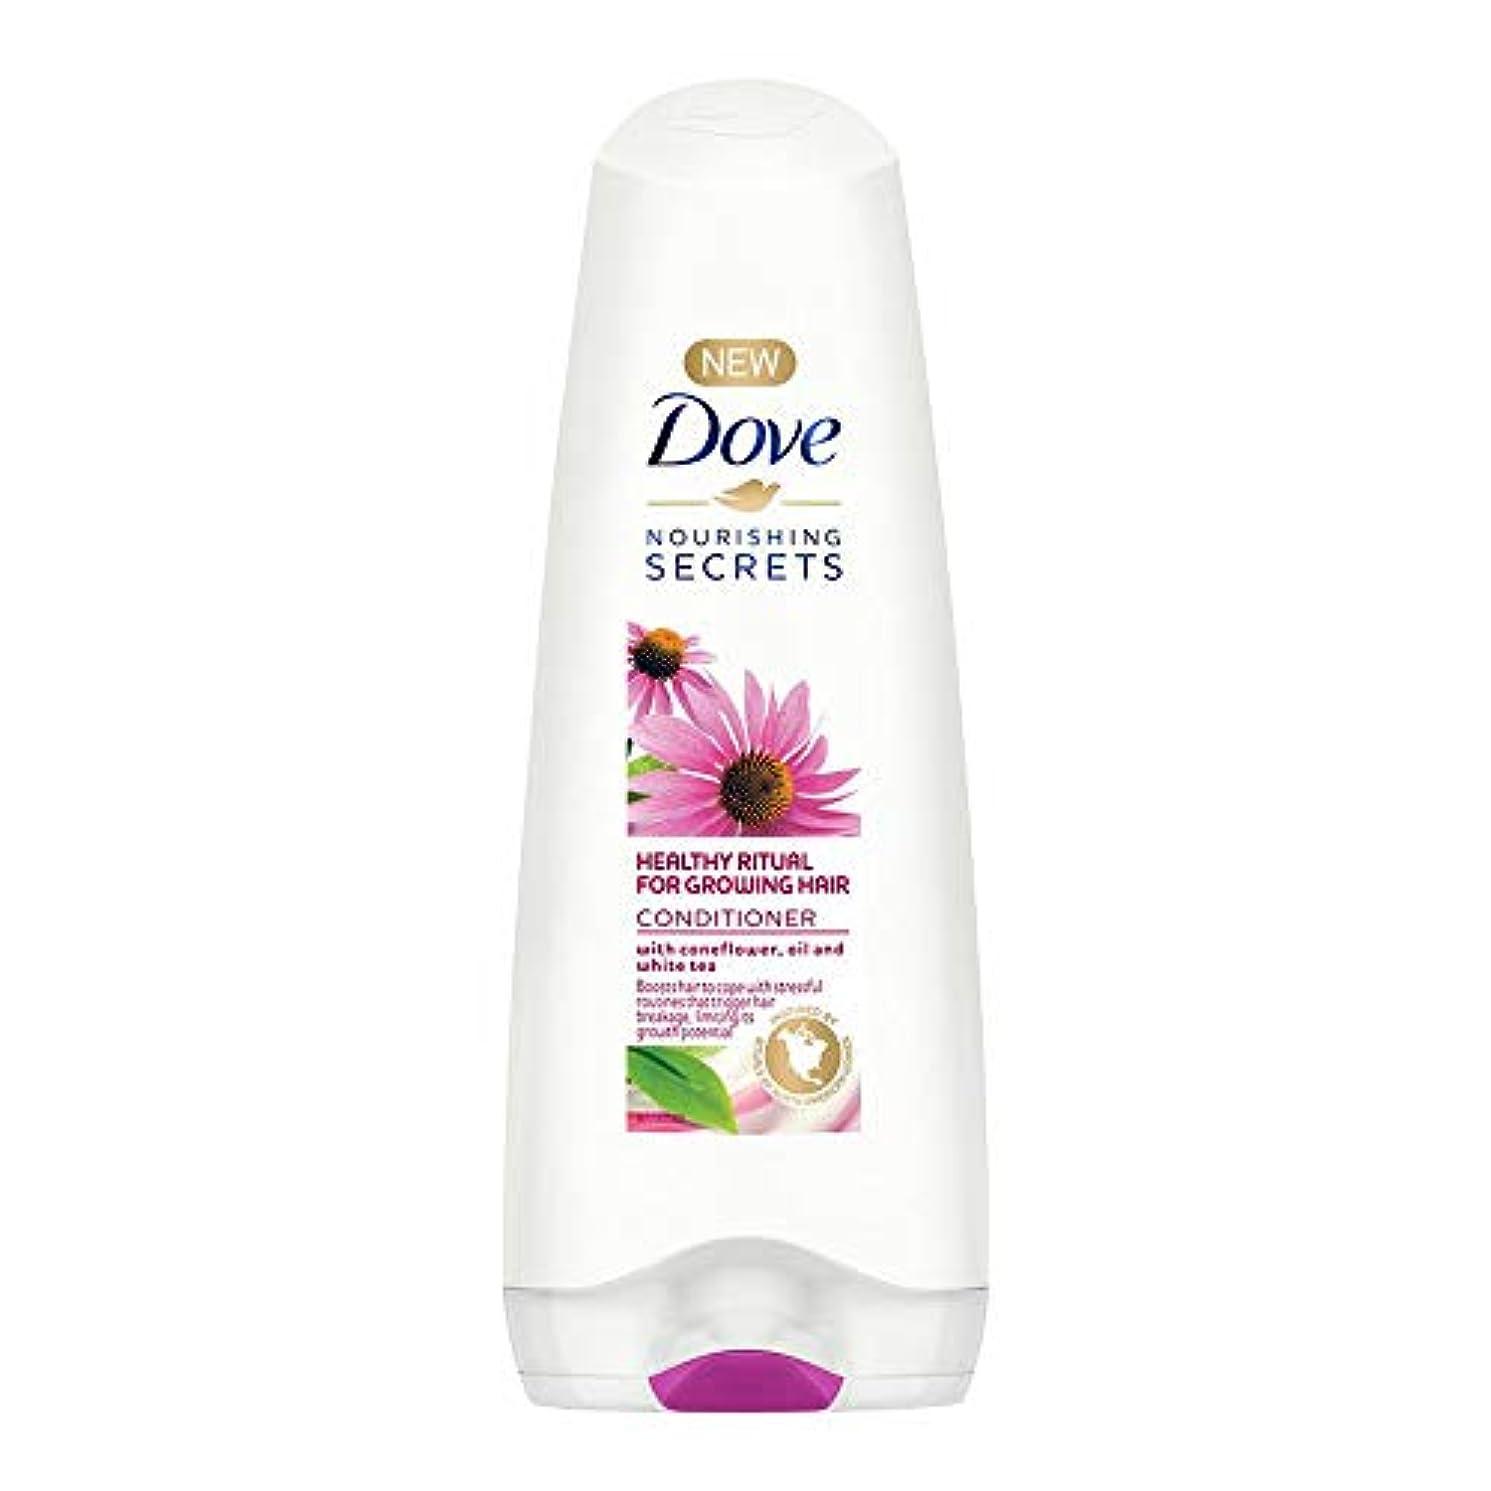 持っている写真撮影キャッチDove Healthy Ritual for Growing Hair Conditioner, 180 ml (Coneflower, Oil and White Tea)